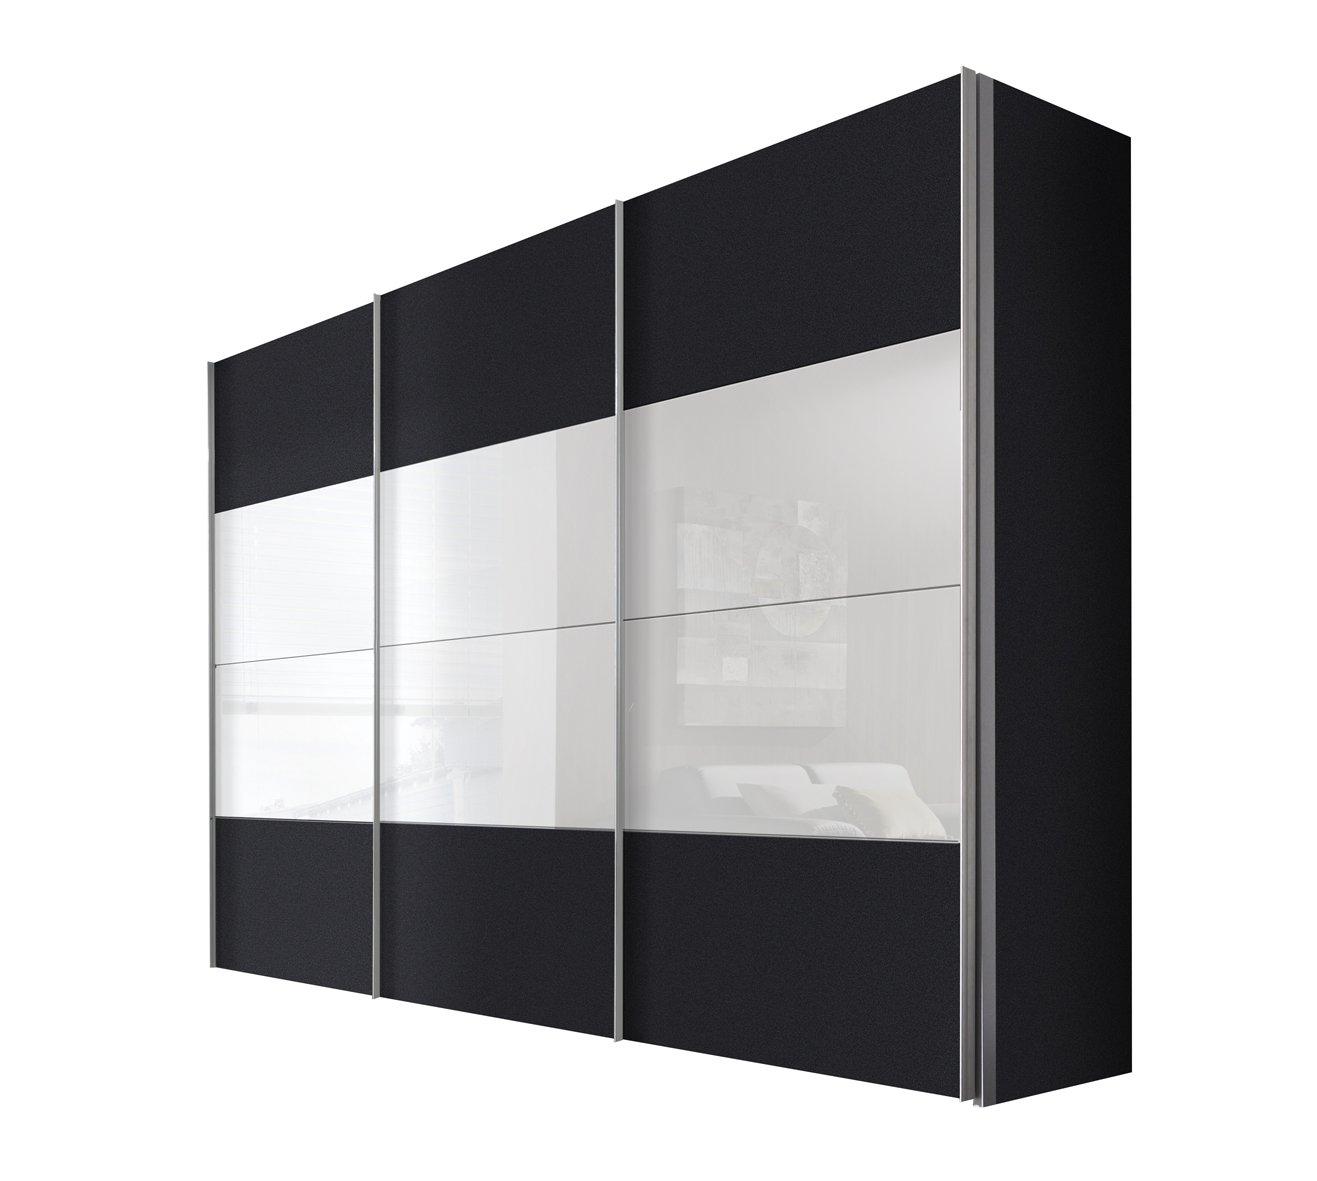 Solutions 49620-971 Schwebetürenschrank 3-türig, Korpus und Front graphit, weißglas, Griffleisten alufarben, 68 x 300 x 216 cm